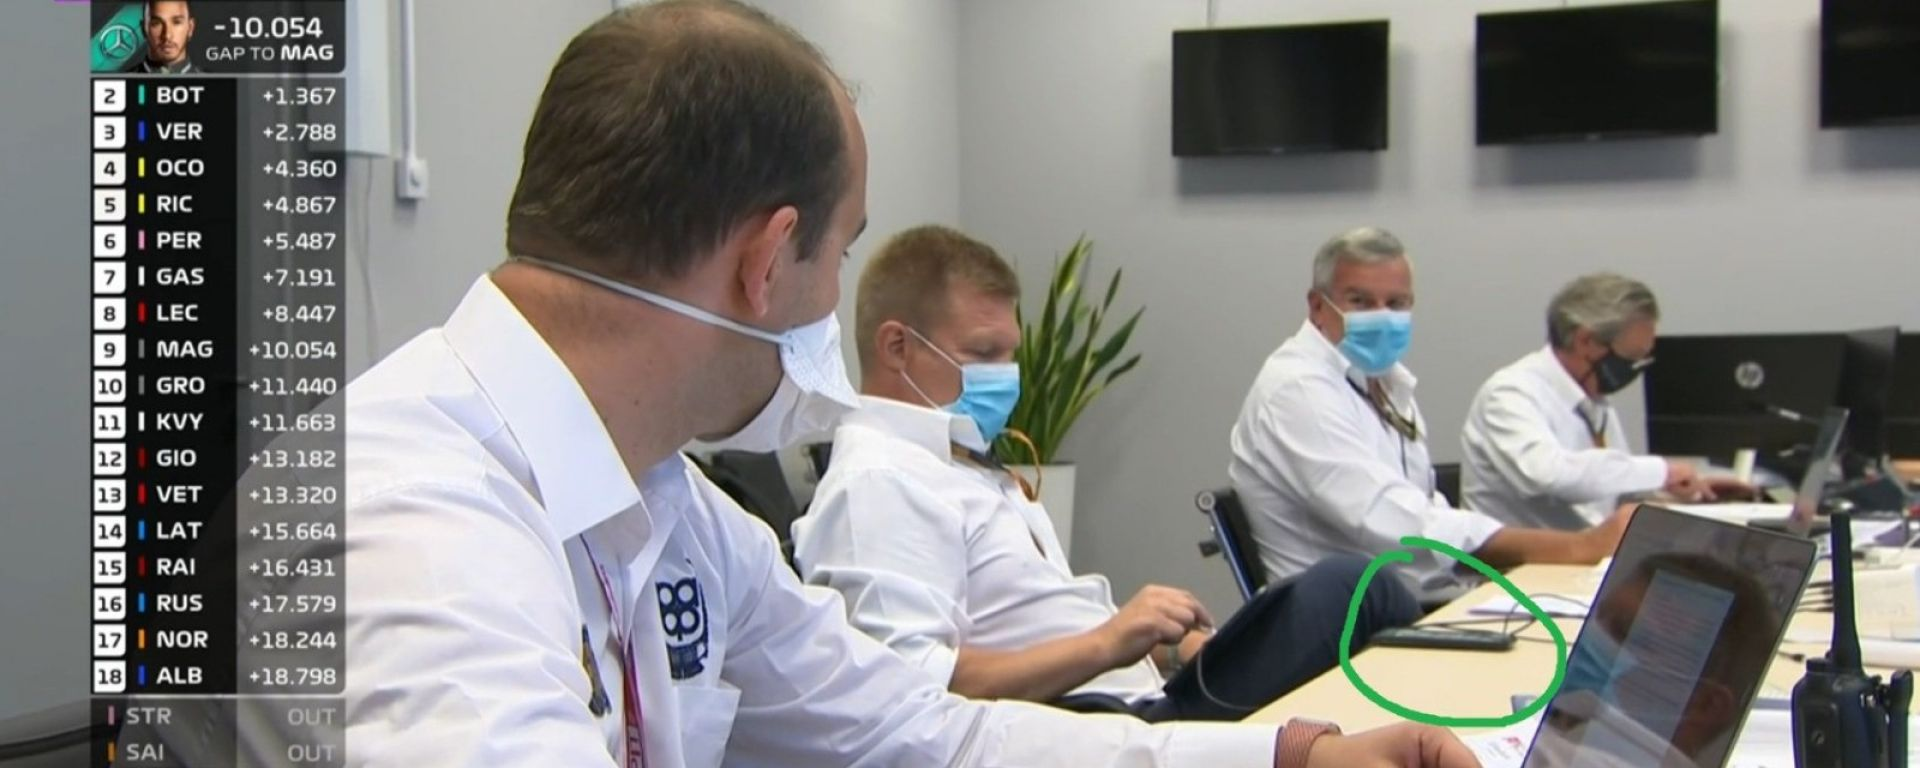 F1 GP Russia 2020, Sochi: Mika Salo (FIA) beccato con il cellulare durante le discussioni sulla penalità